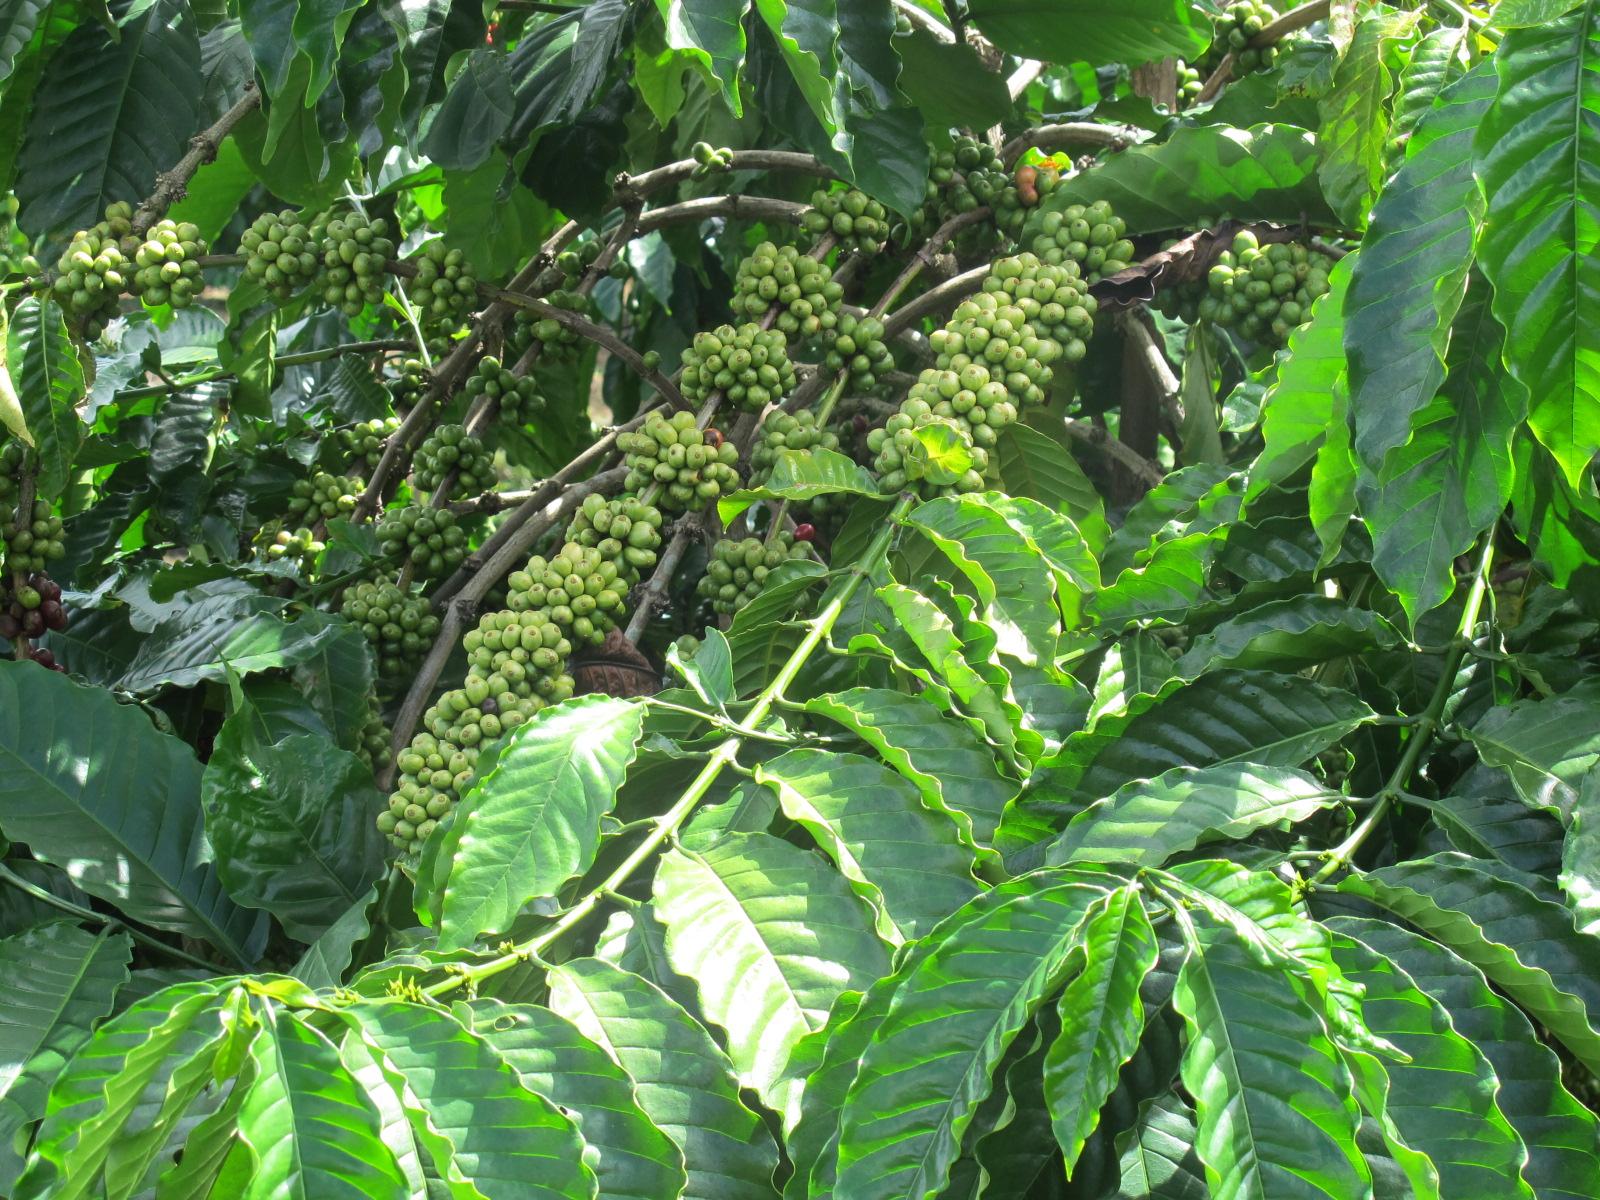 Cầu Đất trồng khoảng 1500 ha cà phê